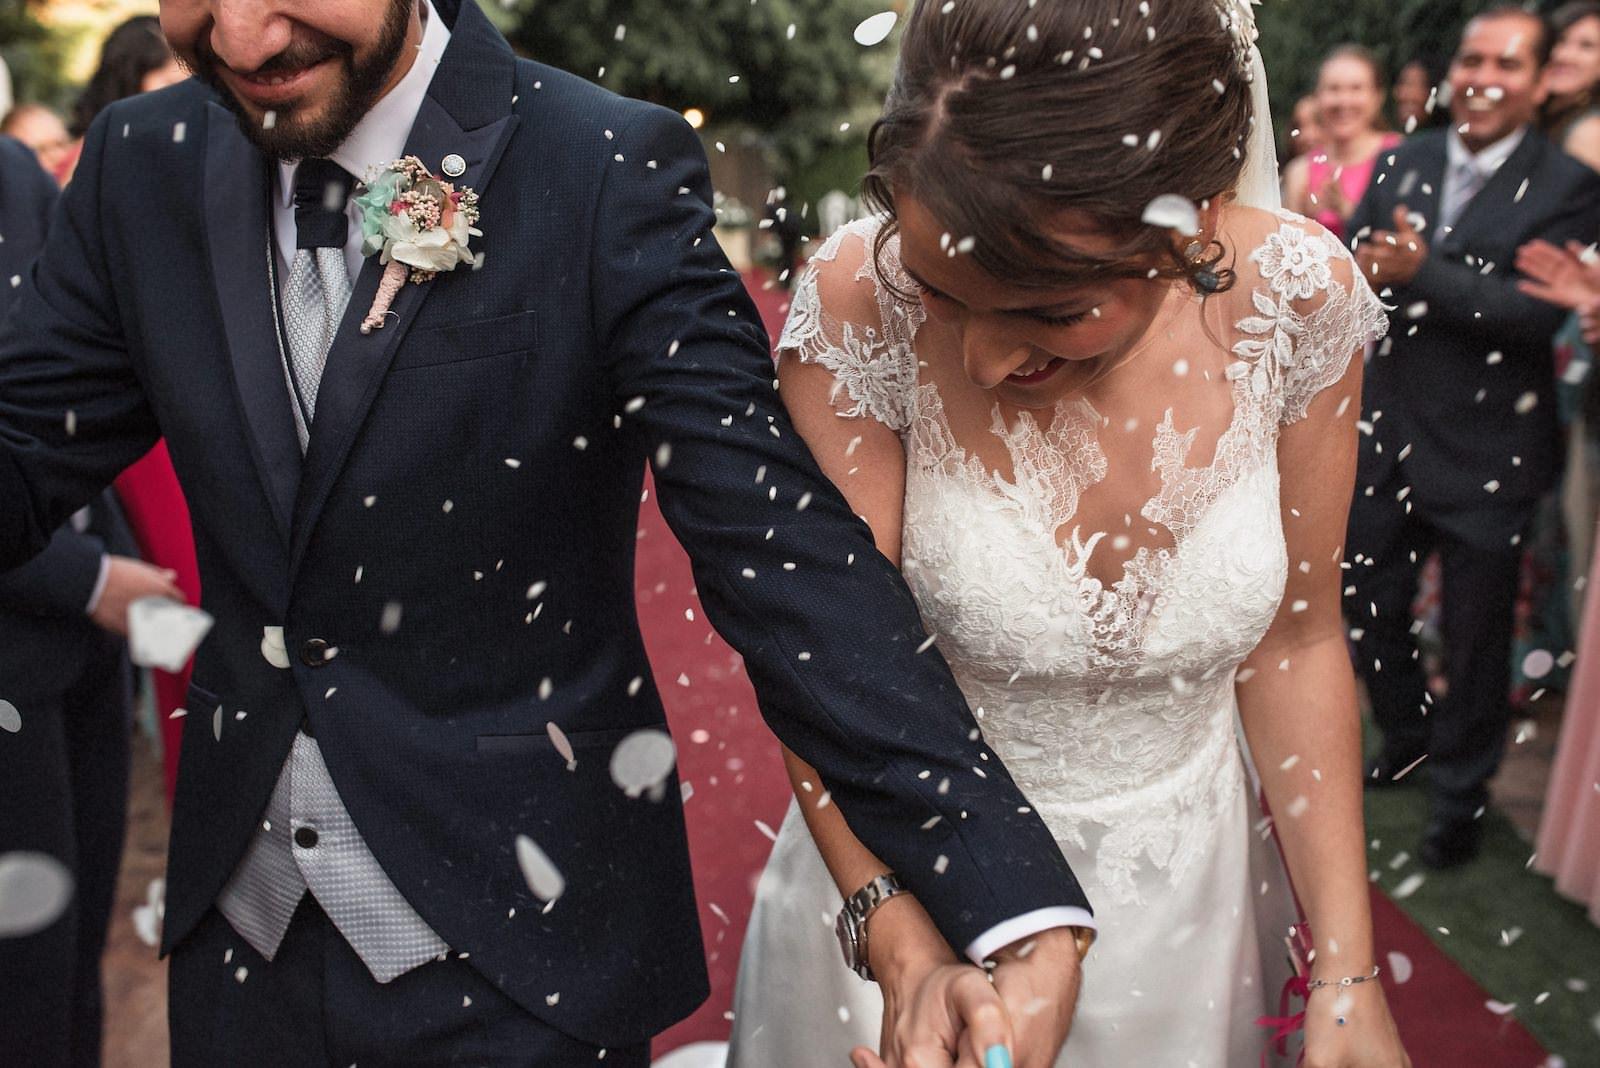 fotografia de boda novios con arroz saliendo de la iglesia